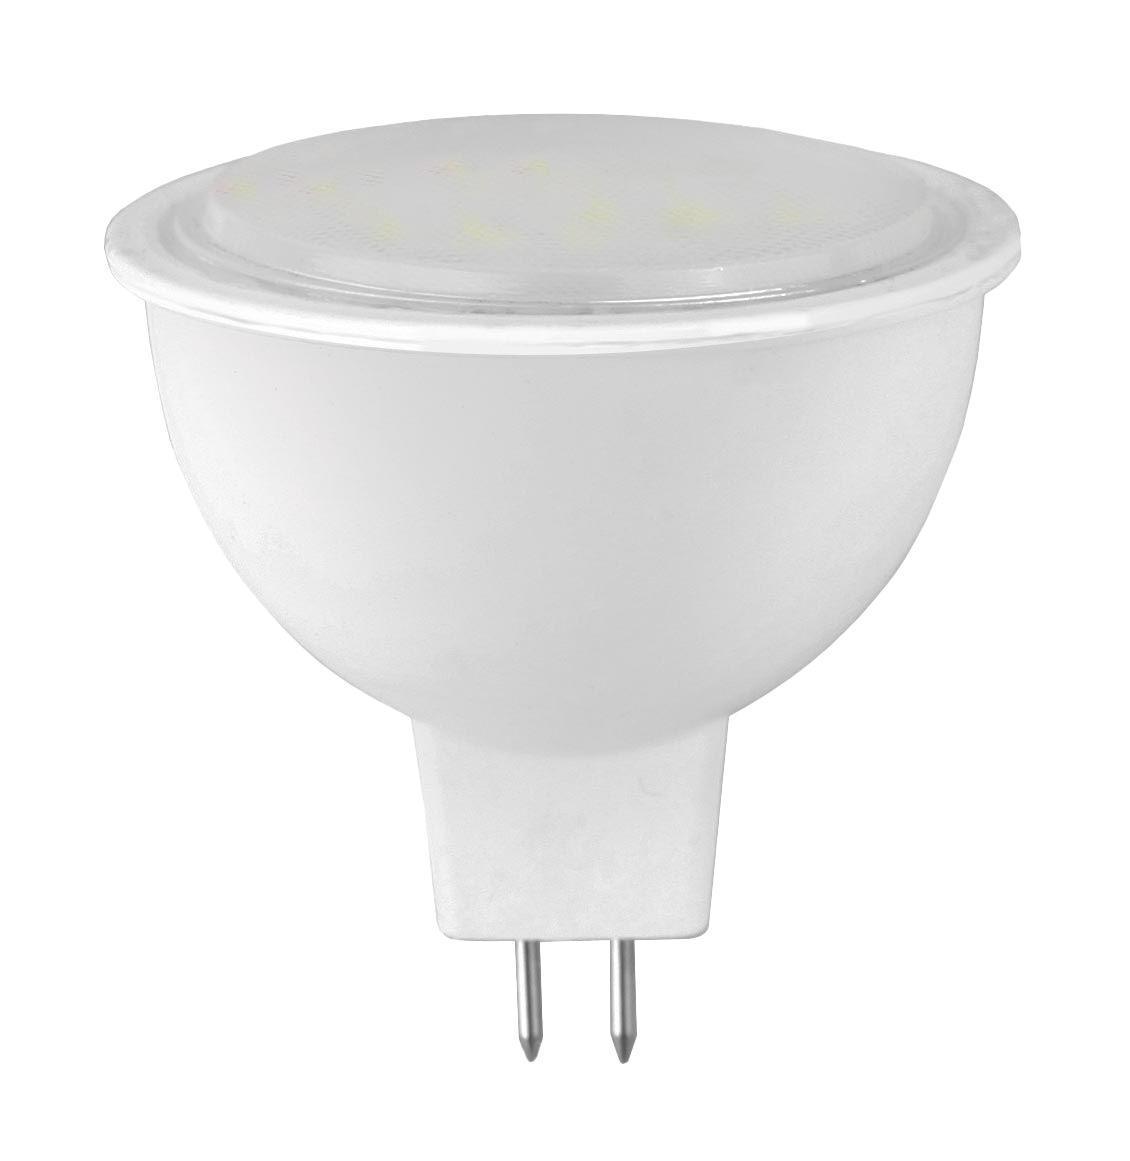 Camelion LED5-JCDR/845/GU5.3 светодиодная лампа, 5ВтC0042409Высокая вибро- и ударопрочность - отсутствуют нить накаливания и хрупкие стеклянные трубки. Широкий температурный диапазон эксплуатации (от -30°C до +40°C) - возможность использования ламп вне помещений. Могут применяться как для основного, так и для акцентированного освещения. Экономия электроэнергии до 90% без ущерба для освещенности и качества света по сравнению с обычными лампами накаливания такой же яркости. Мгновенное включение и выход на полную яркость.Светодиодные лампы для точечных светильников - это замена традиционных и повсеместно используемых галогенных ламп типа JCDR. Отличительной особенностью светодиодных ламп точечного света является низкое энергопотребление и почти отсутствие нагрева в процессе эксплуатации. При этом -это лампы с высоким сроком службы 30 000 - 50 000 часов.Если вы хотите экономить, и готовы на начальном этапе потратиться, тогда Ваш выбор светодиодное освещение.Если же по каким-то причинам светодиодные источники света Вас не устраивают, но при этом Вы хотите все же экономить - обратите внимание на энергосберегающие компактные люминесцентные лампы точечного света.Напряжение: 220-240 В.